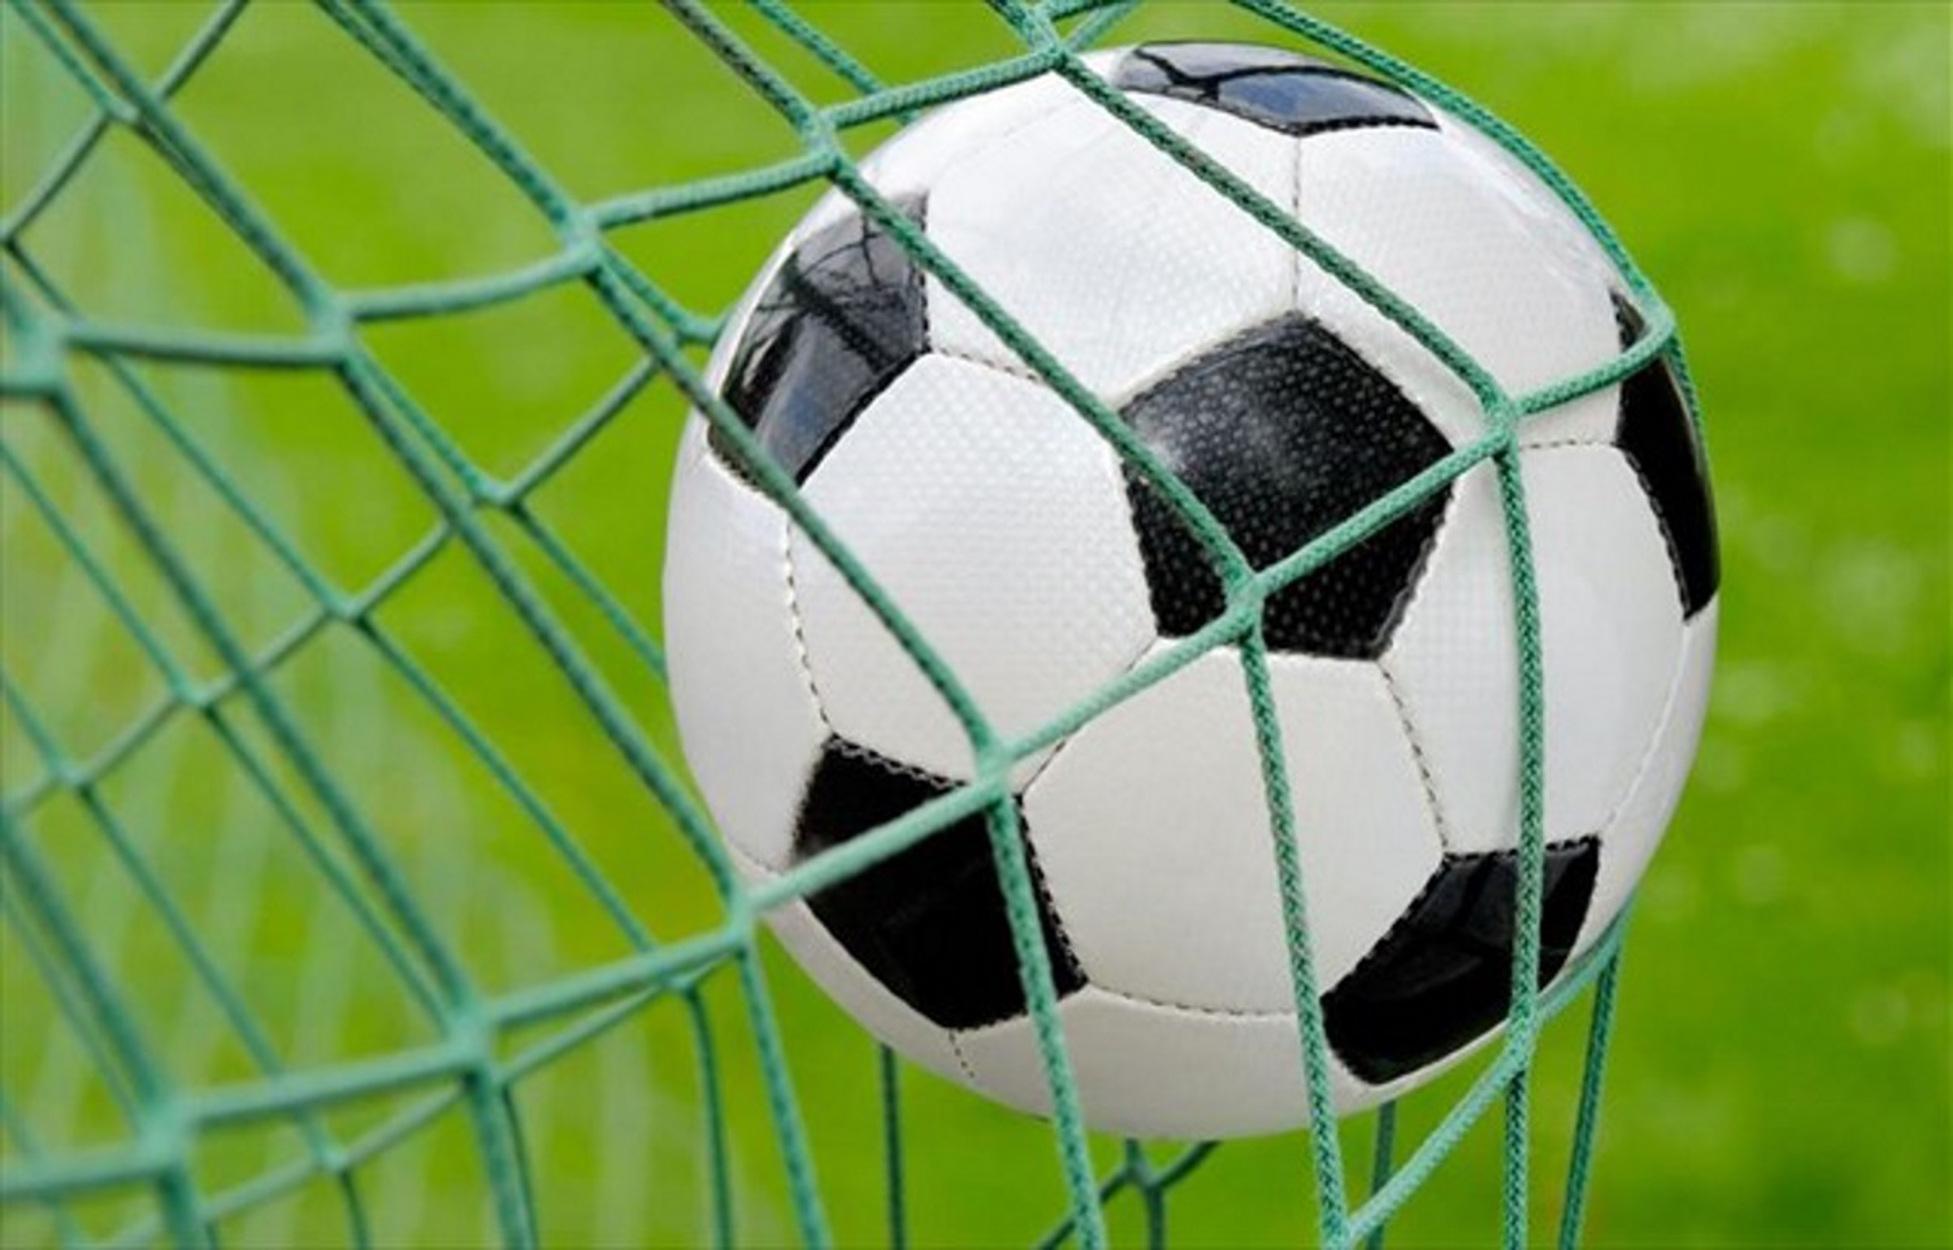 Προσπάθεια για να ξεκινήσουν Superleague 2 και Volley League, αναμένεται η απόφαση